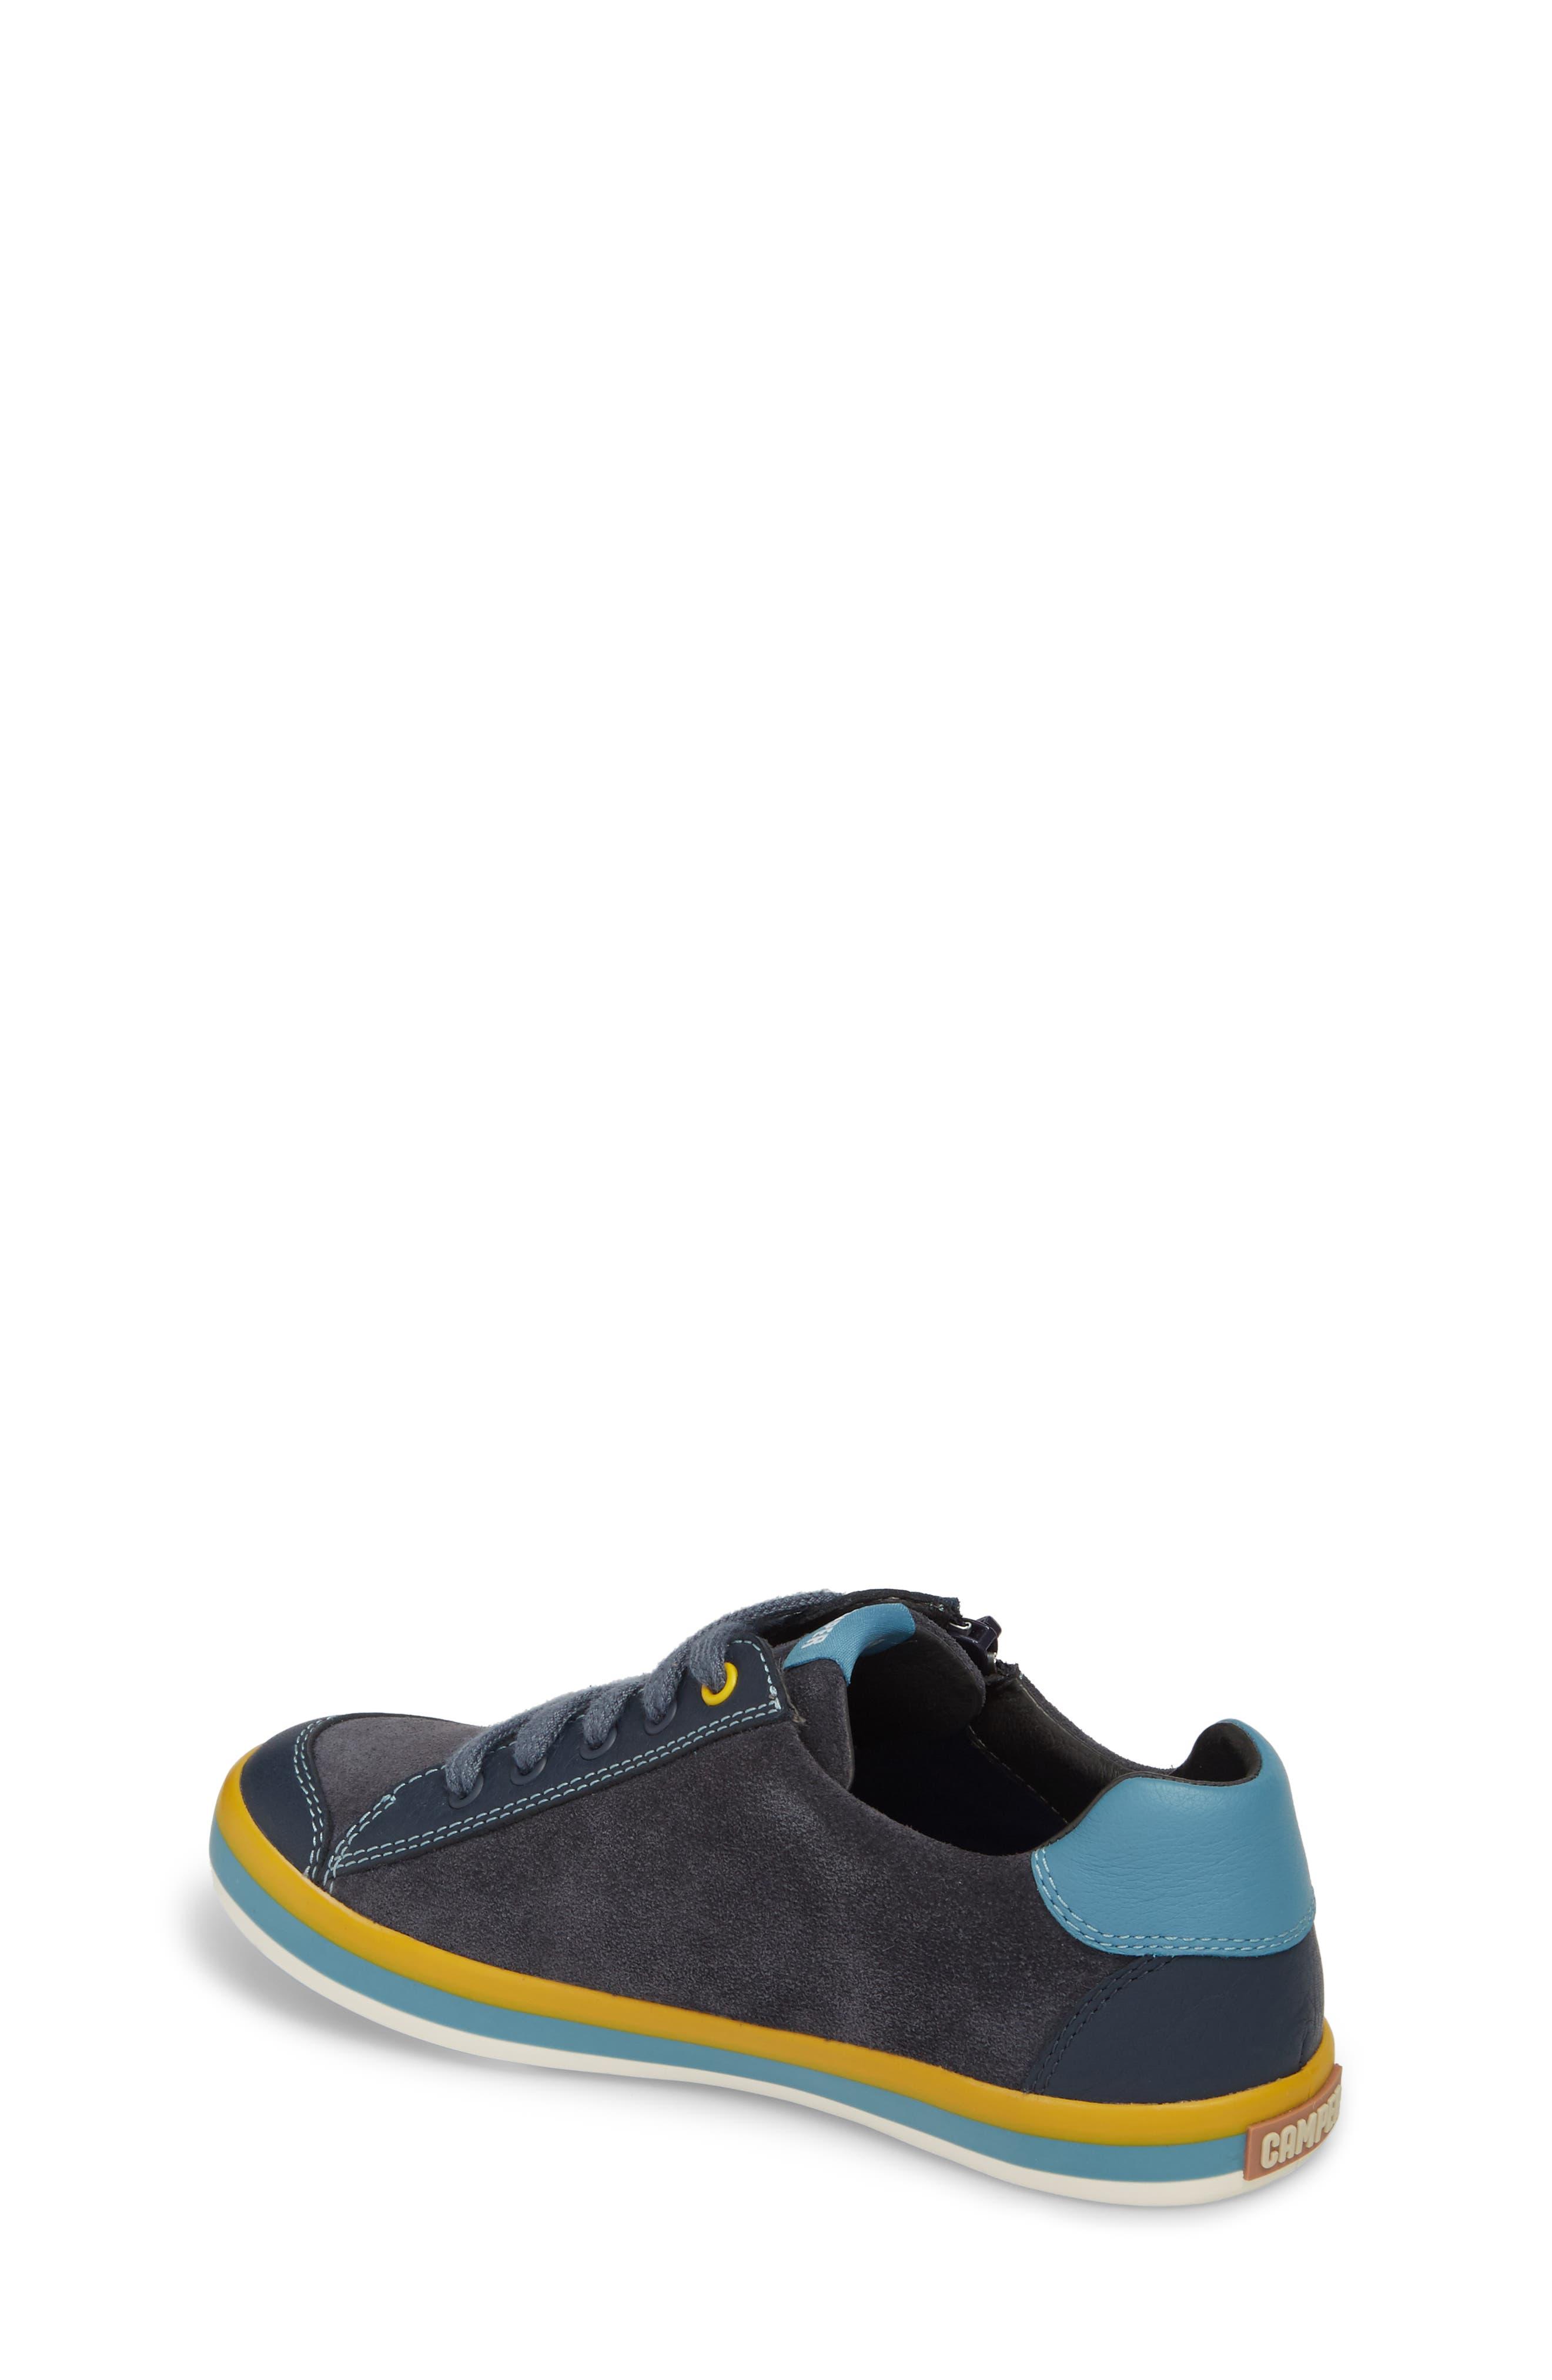 Pursuit Sneaker,                             Alternate thumbnail 2, color,                             Blue